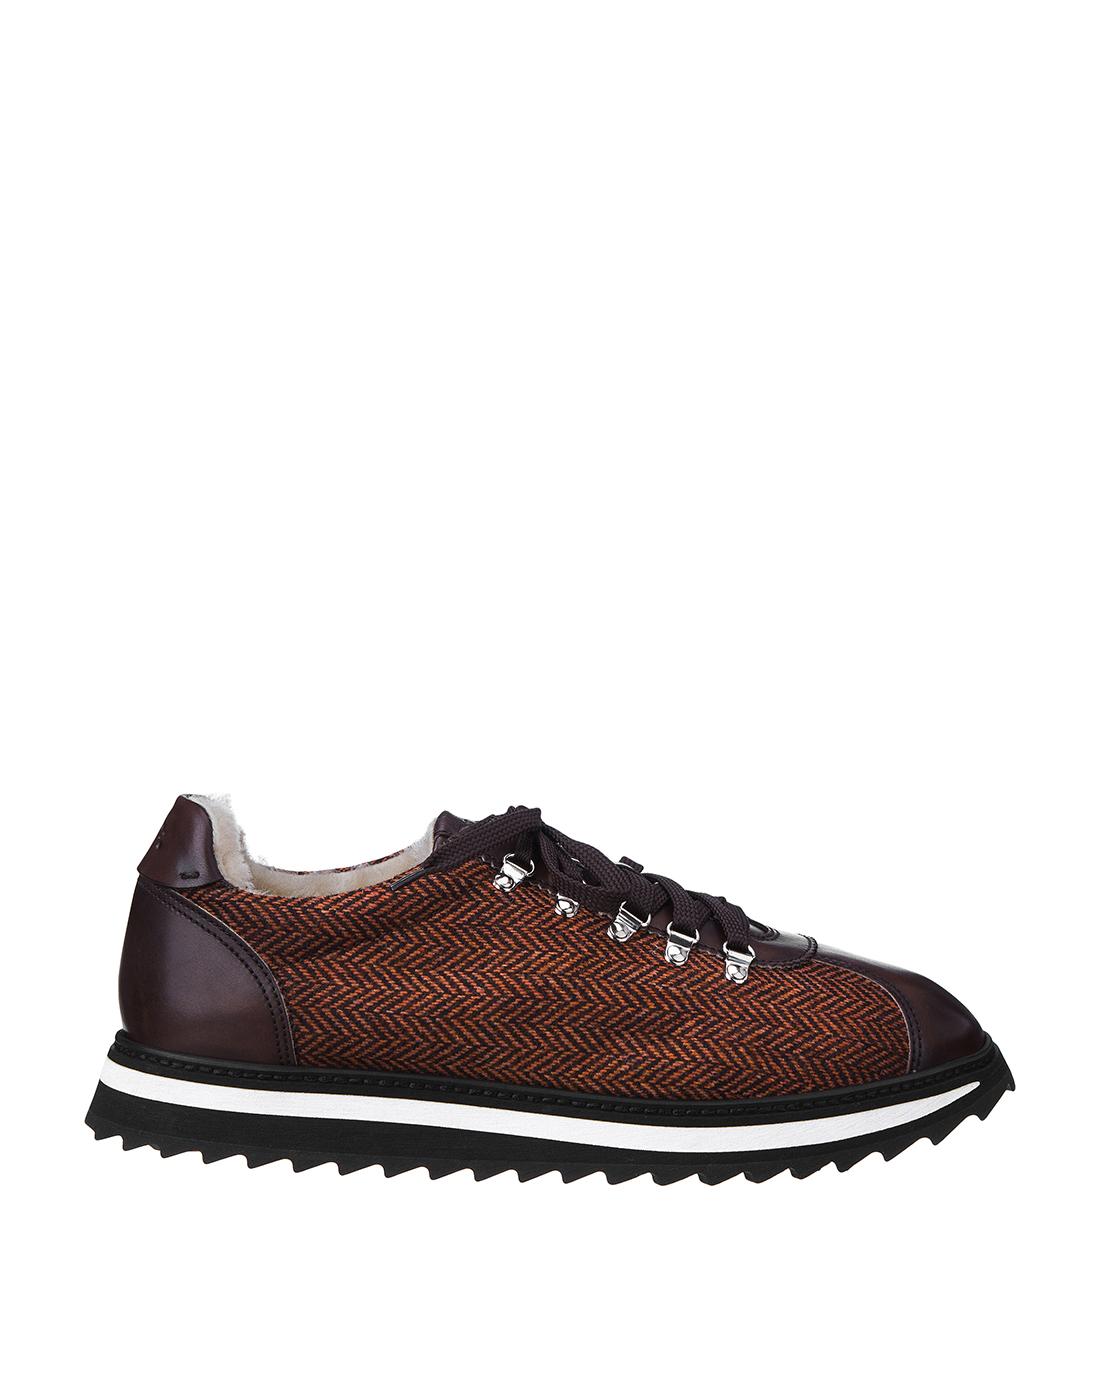 Кроссовки коричневые мужские Doucal's SU2156 03-1